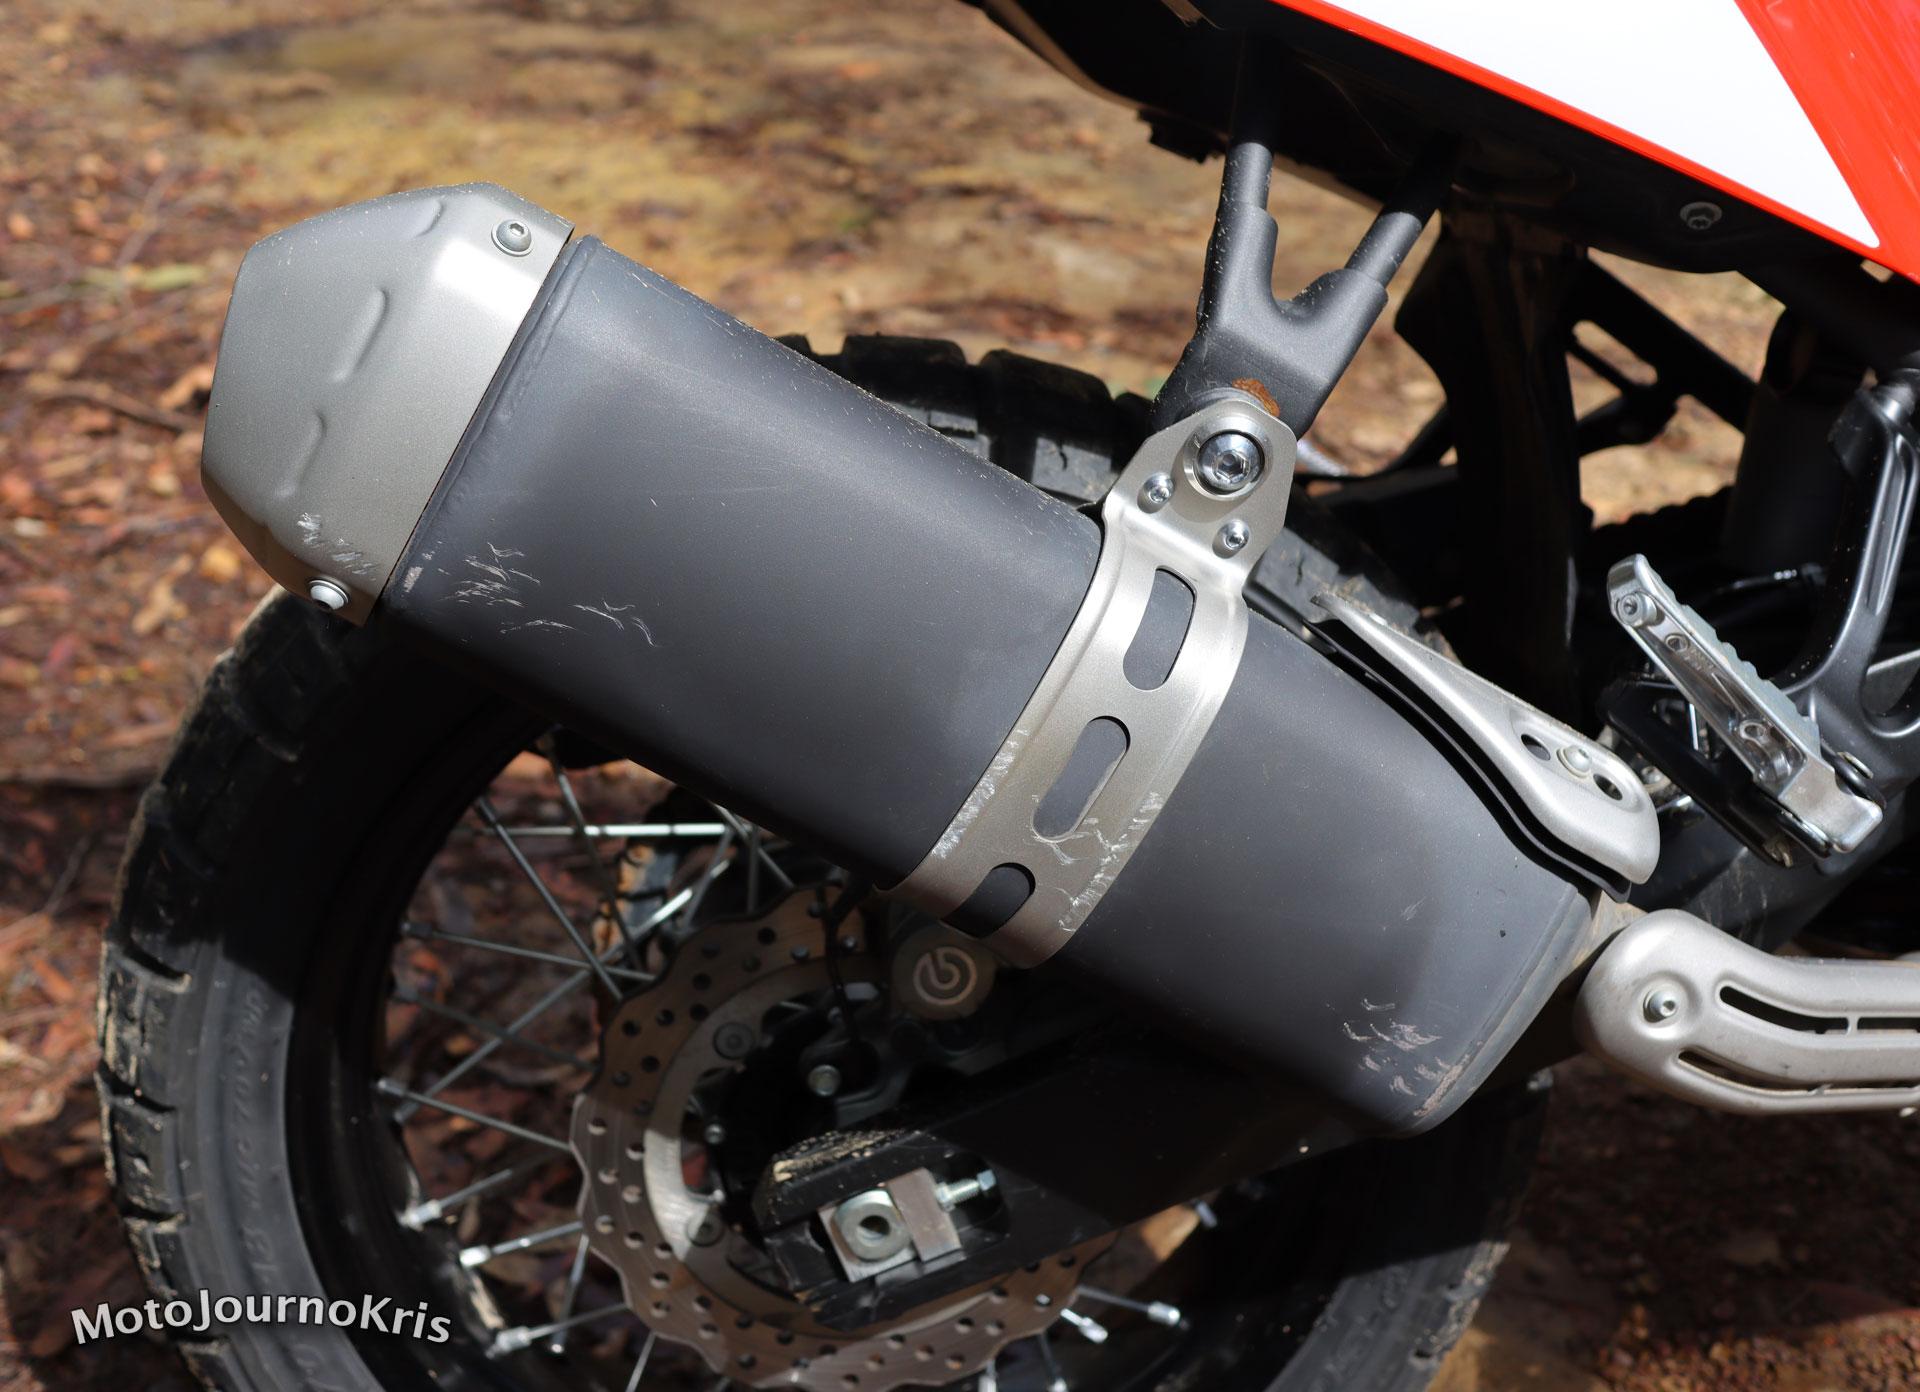 2020 Yamaha Tenere 700 stock exhaust